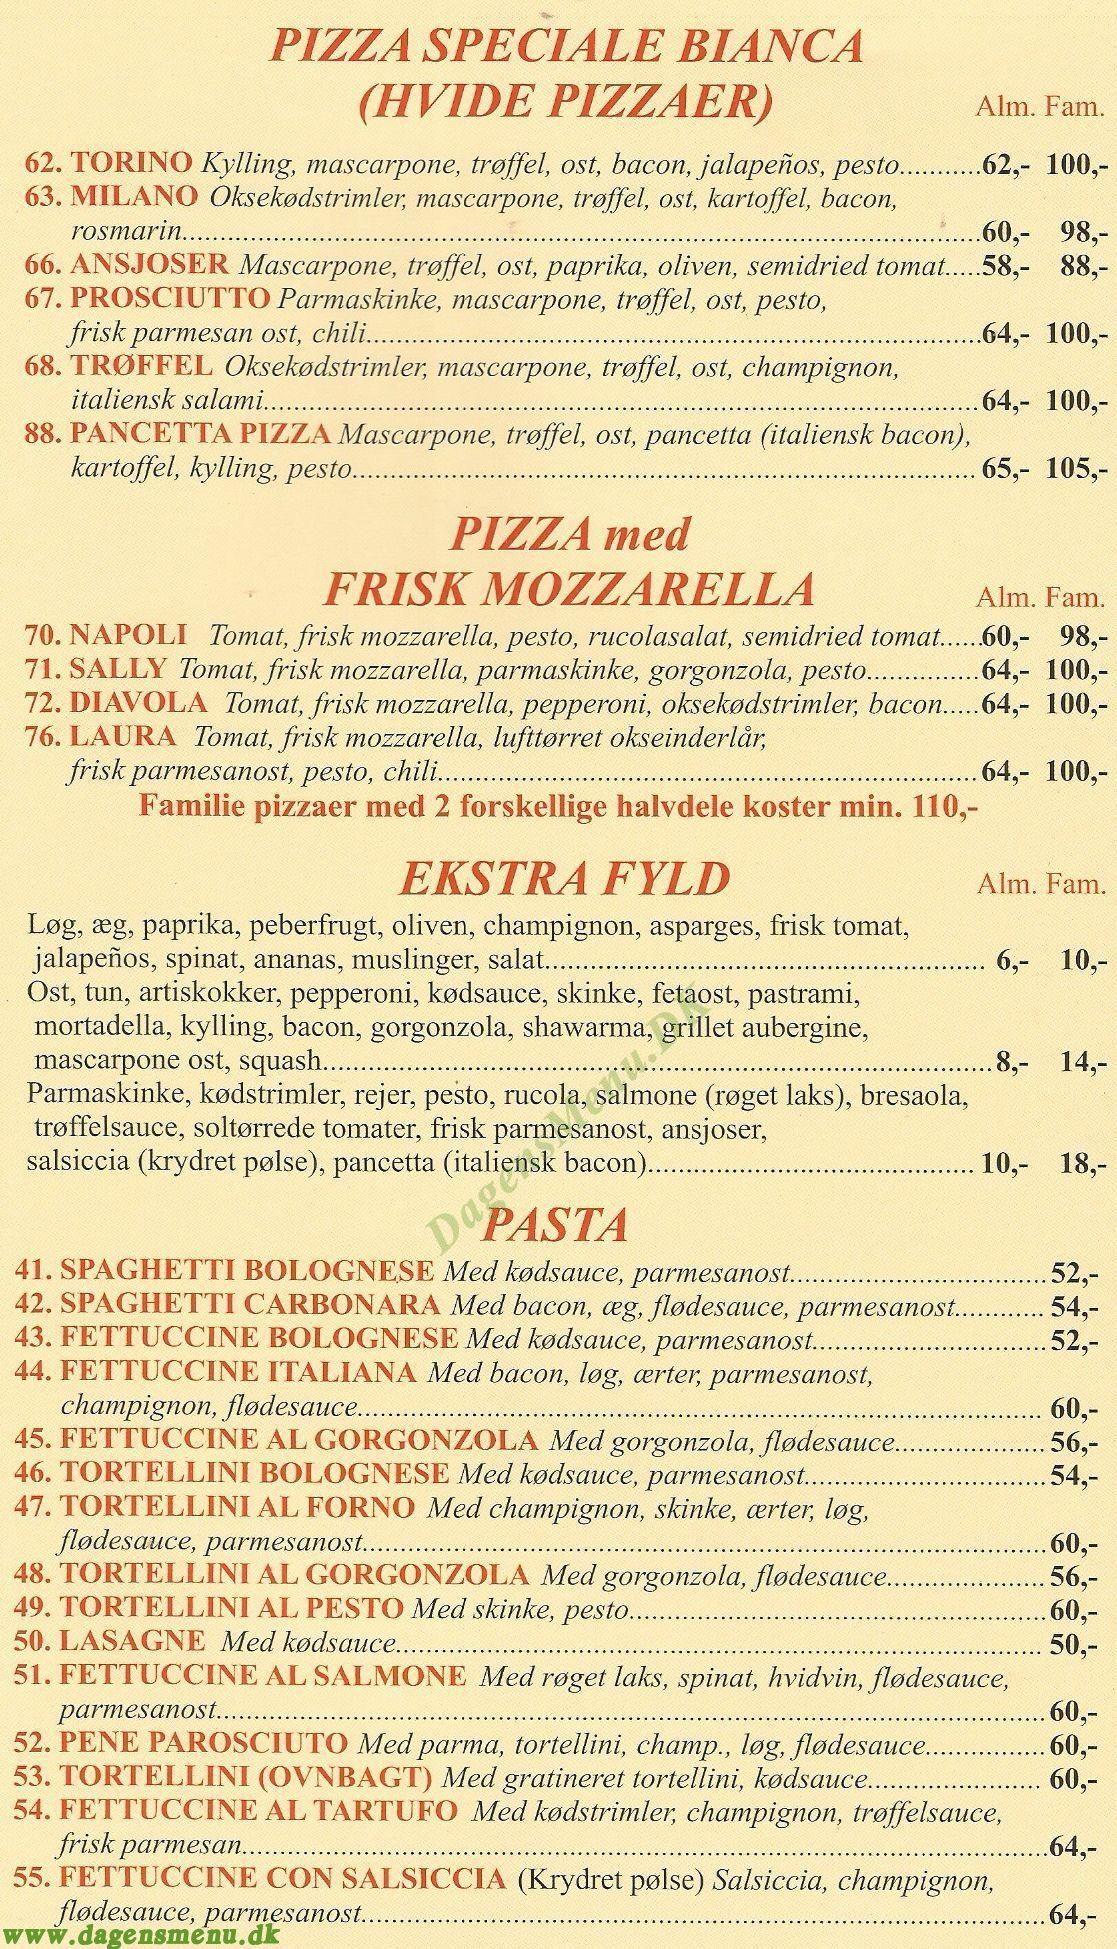 PRONTO PIZZA ITALIANA - Menukort